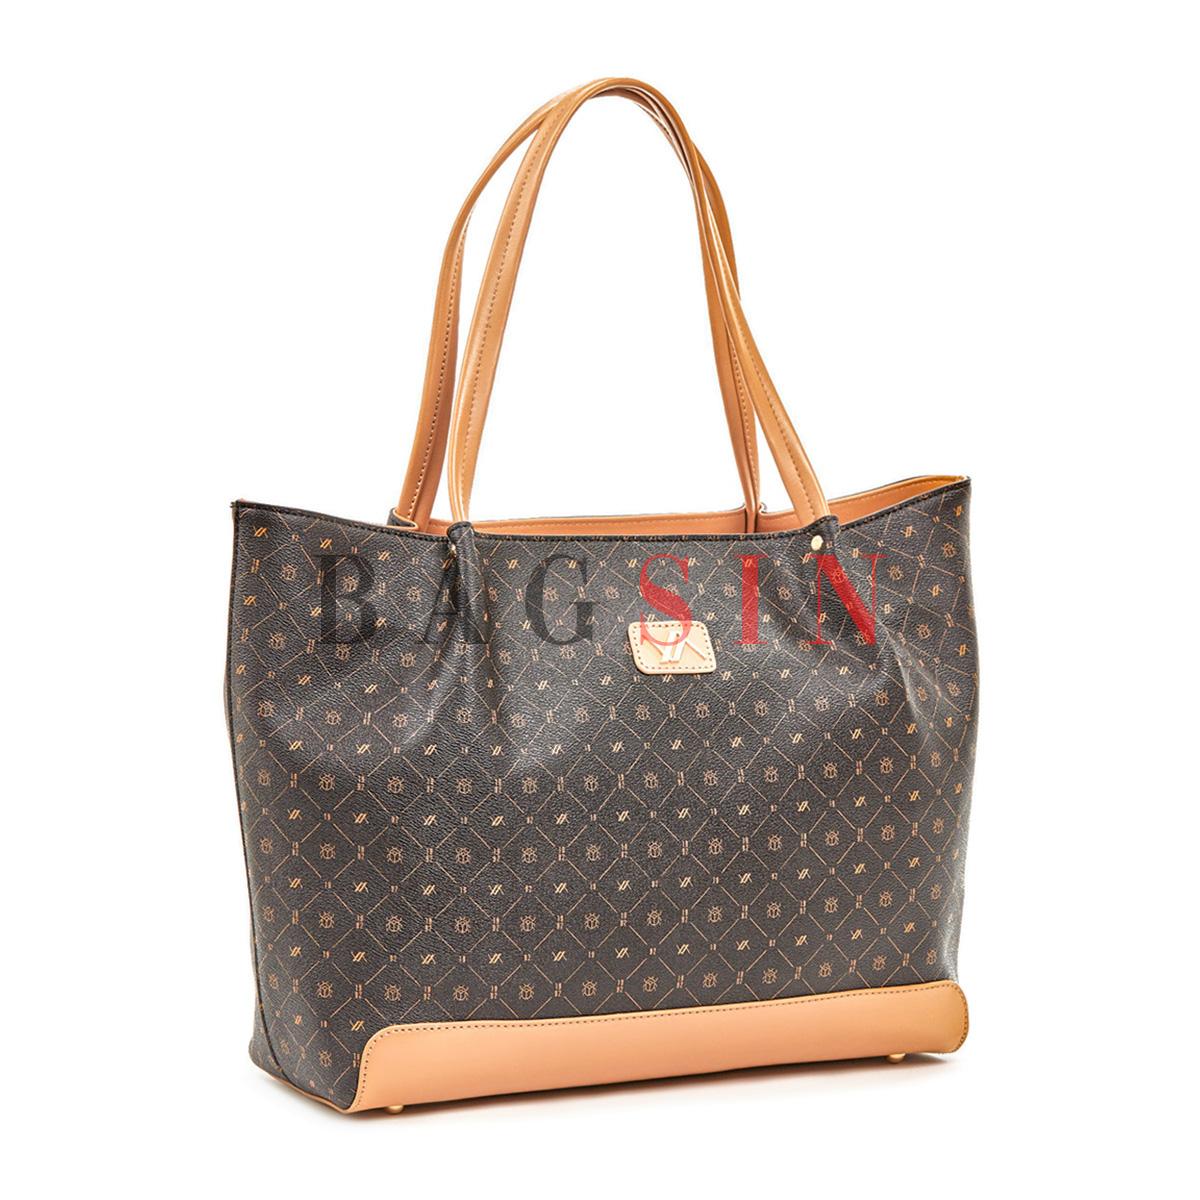 Τσάντα Ώμου Shopper Με Λογότυπο Verde 16-5936 Καφέ-Μπεζ